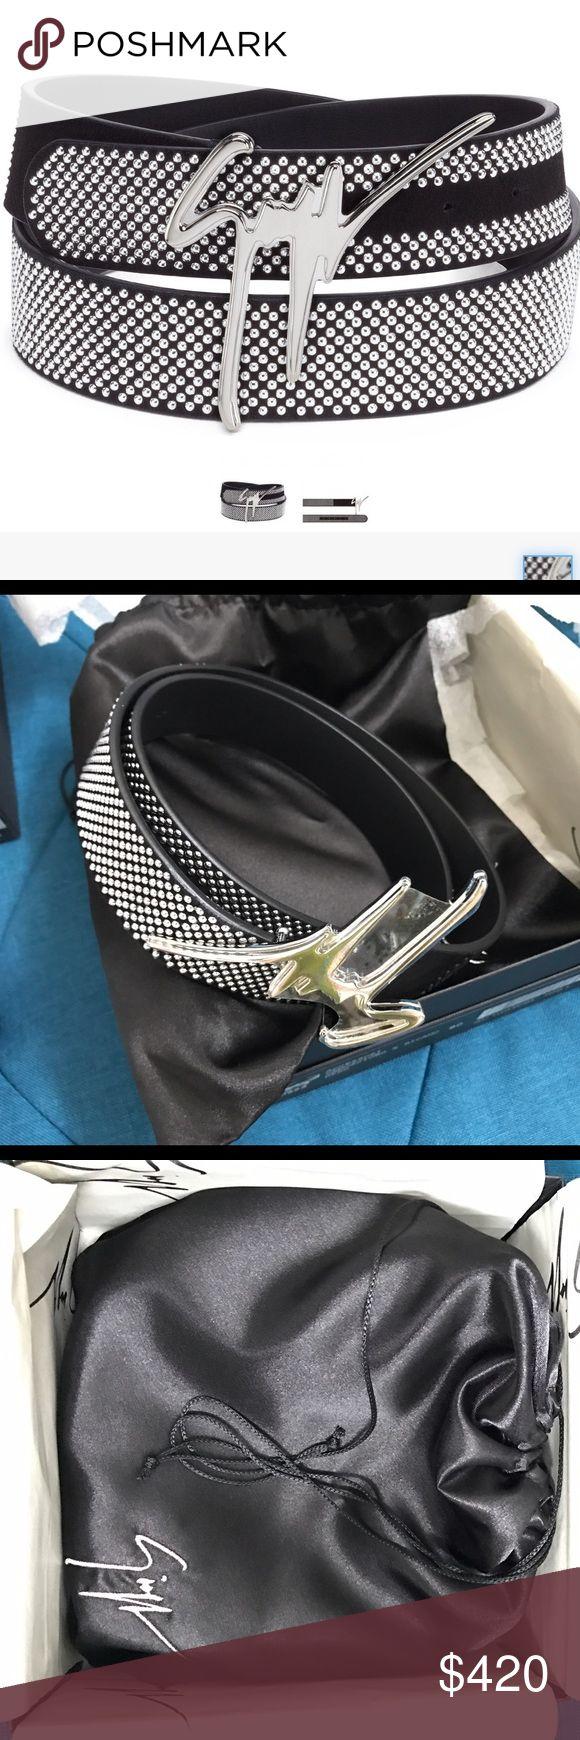 A brand new Giuseppe Zanotti Belt. This is a brand new studded Giuseppe Zanotti Men's belt. Giuseppe Zanotti Accessories Belts